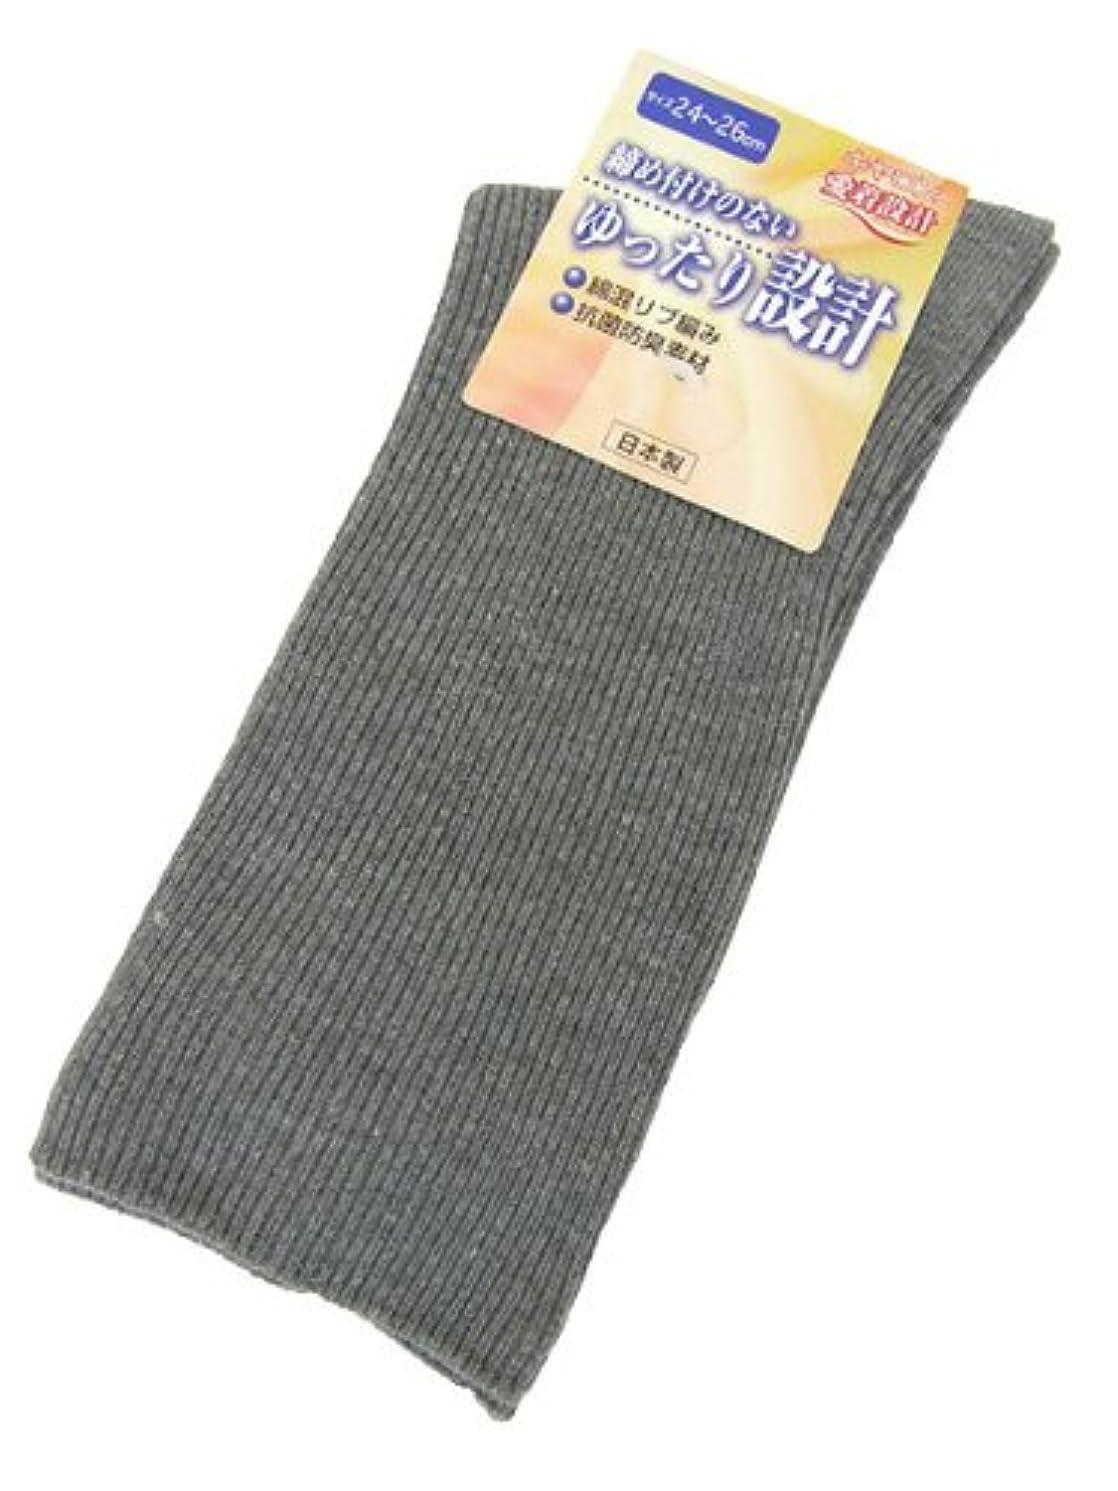 上に築きますサスペンション礼拝ゆったり設計ソックス綿混リブ 紳士用 グレー